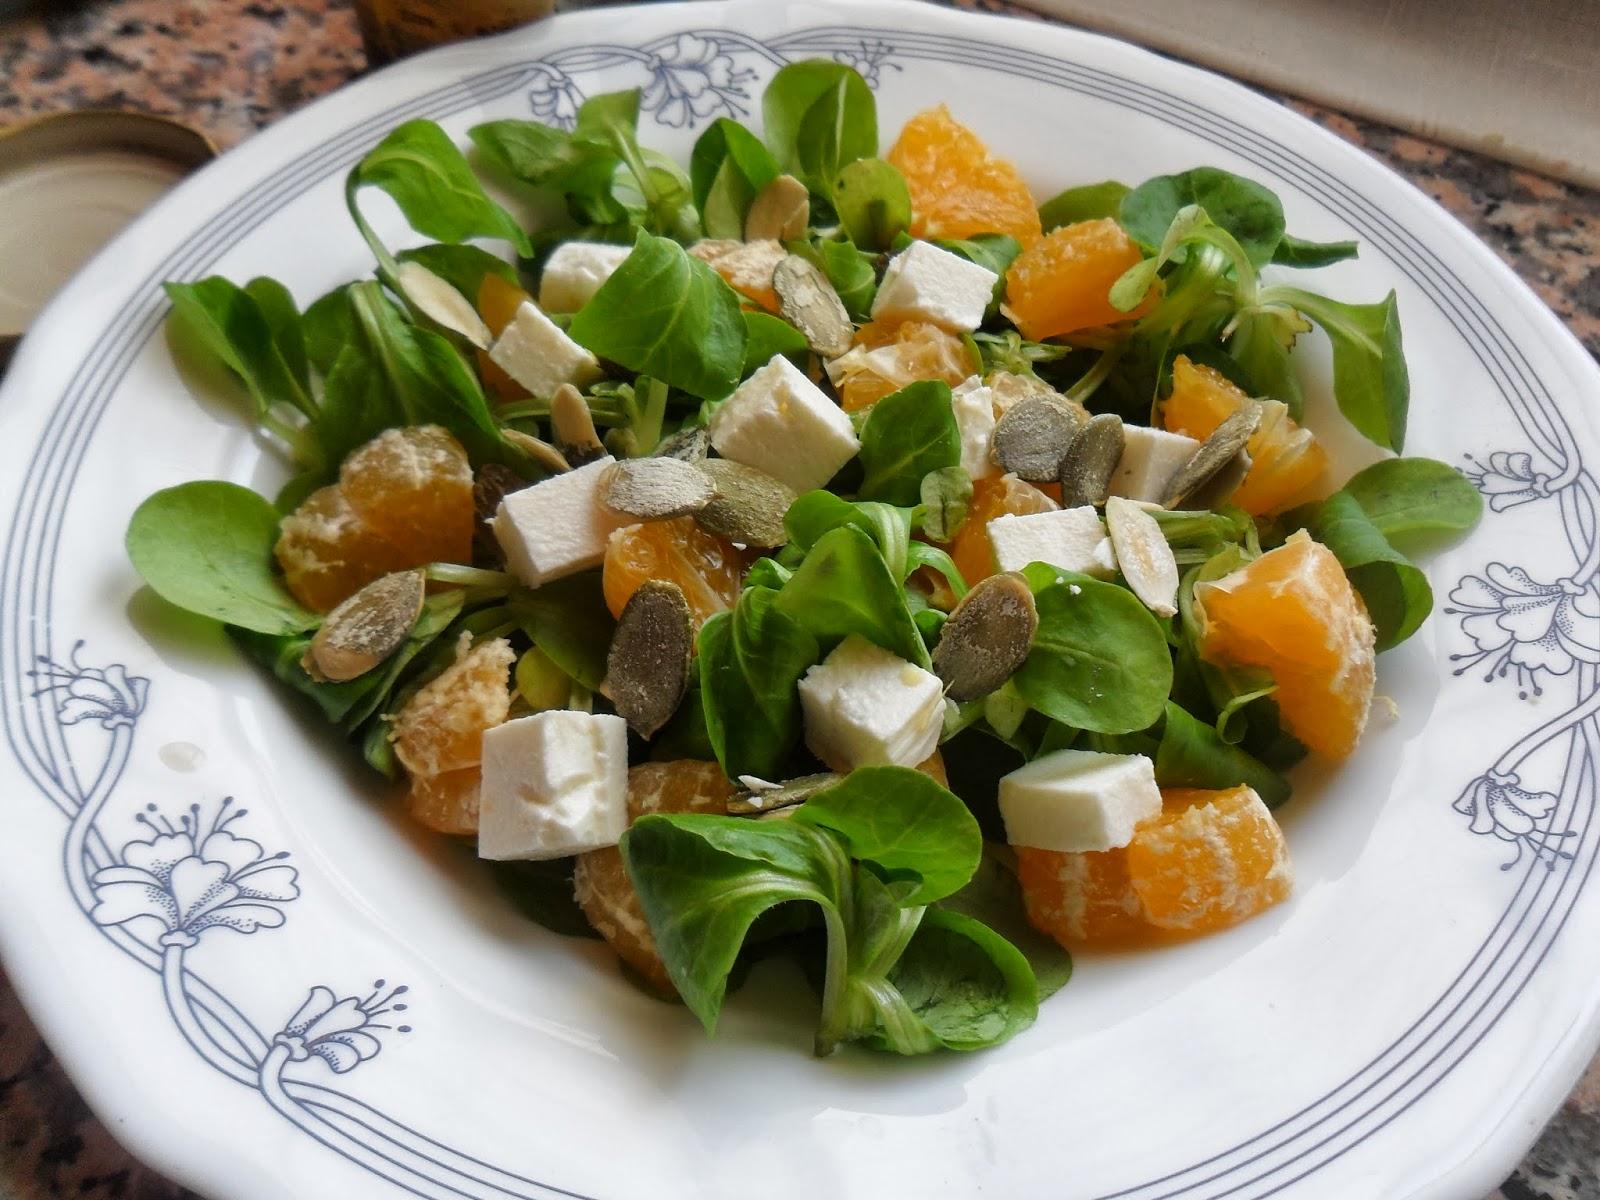 Rececatas ensalada de canonigos queso feta mandarinas y - Ensaladas con canonigos ...